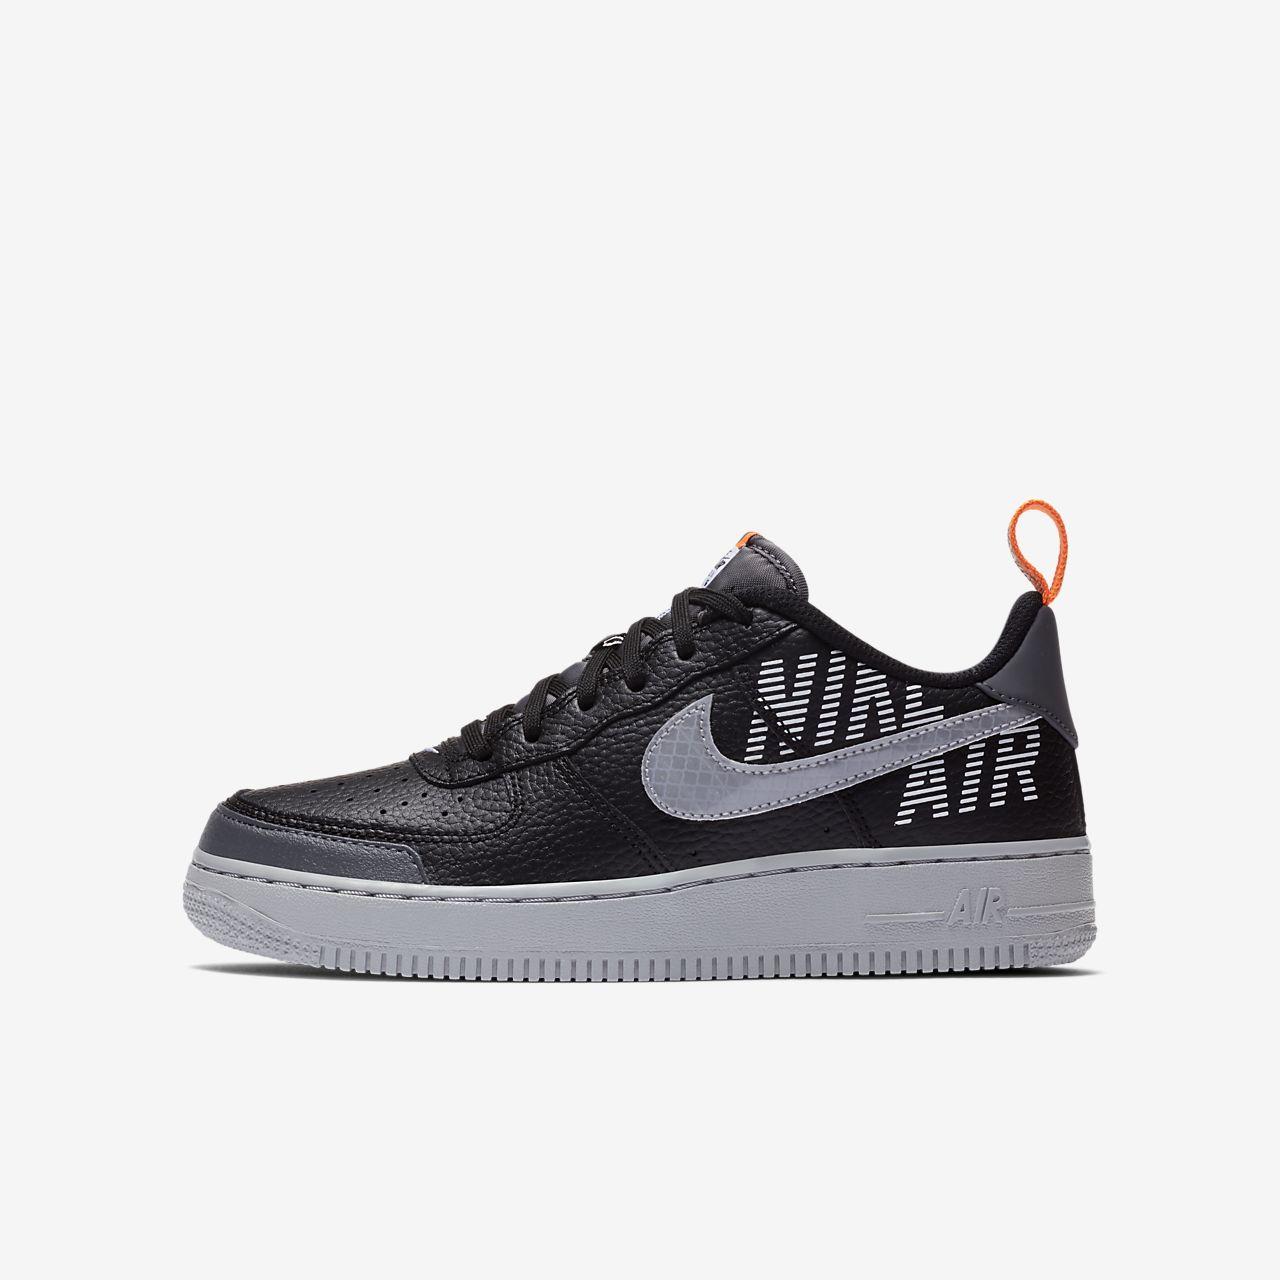 Sapatilhas Nike Air Force 1 LV8 2 Júnior